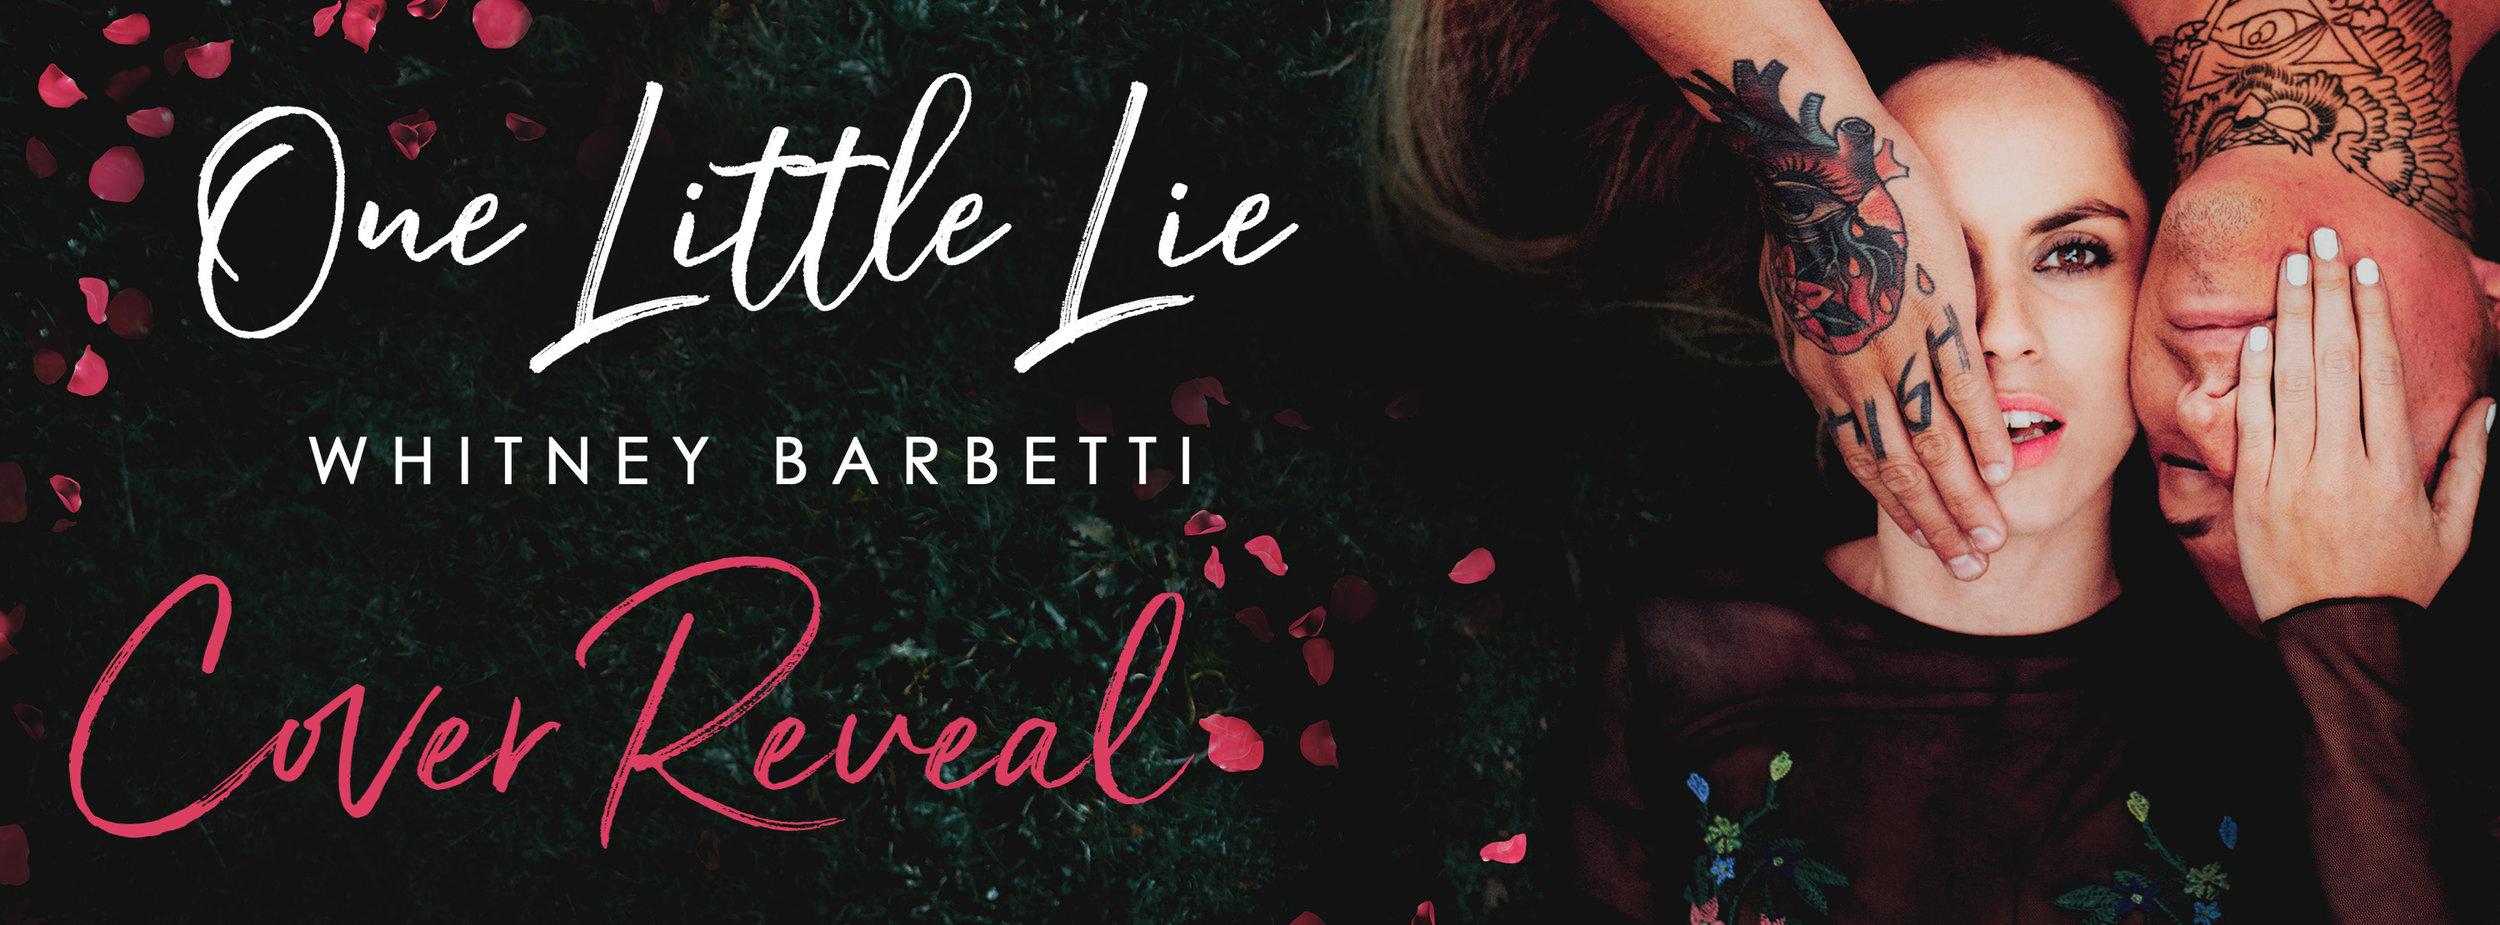 OneLittleLie_FBCover_Cover Reveal.jpg